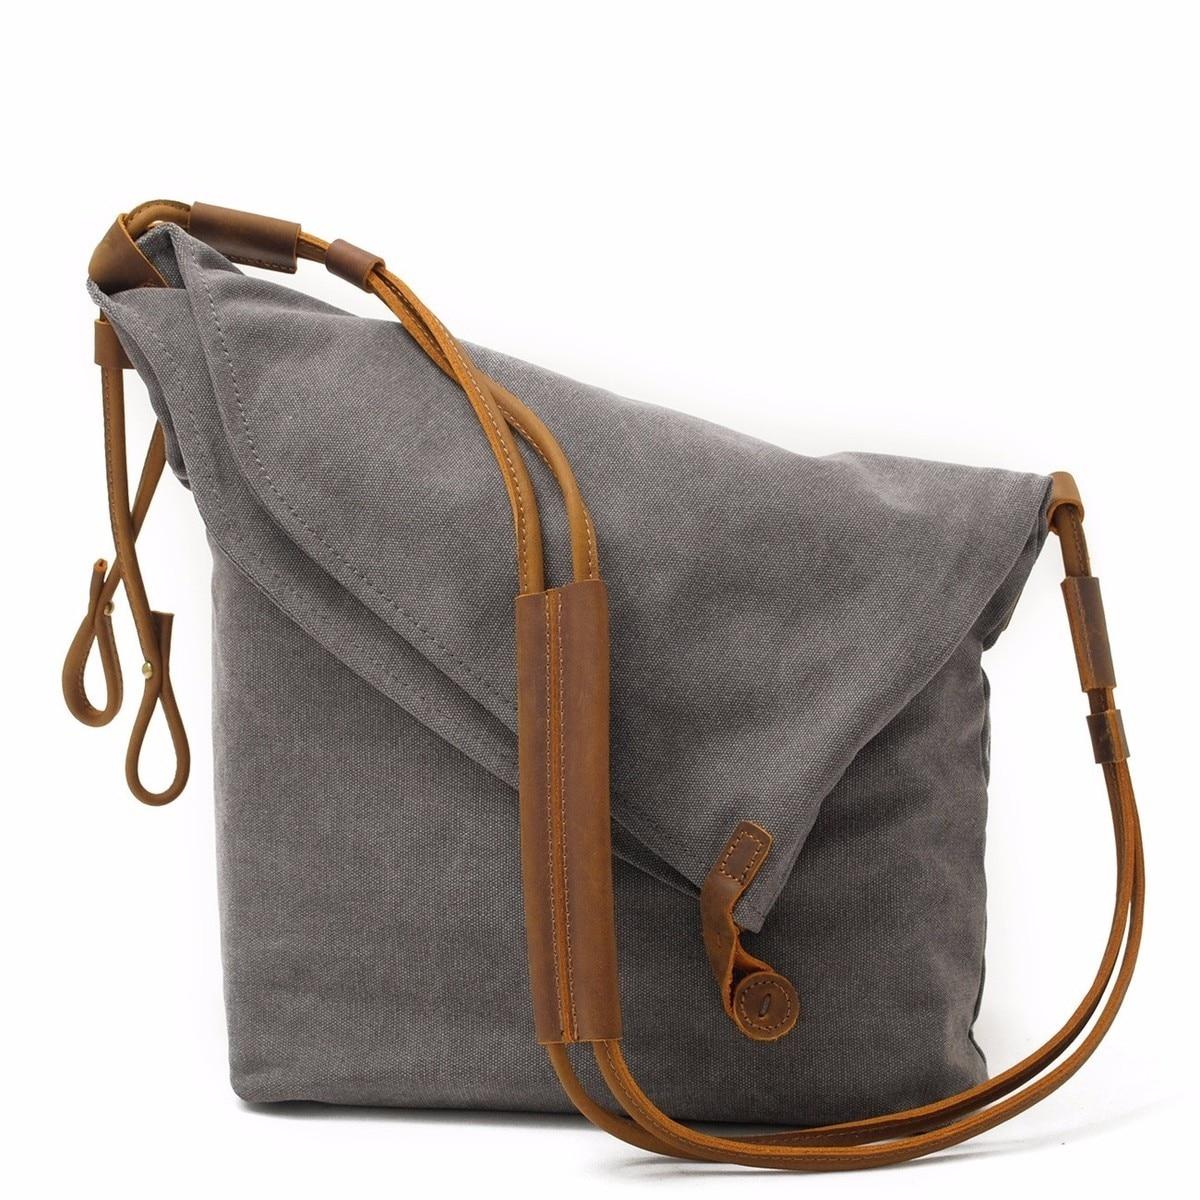 DAYGOS Casual Vintage Fold Cover Bag Mens Canvas Travel Crossbody Shoulder Messenger Bag Handbag For Men<br>